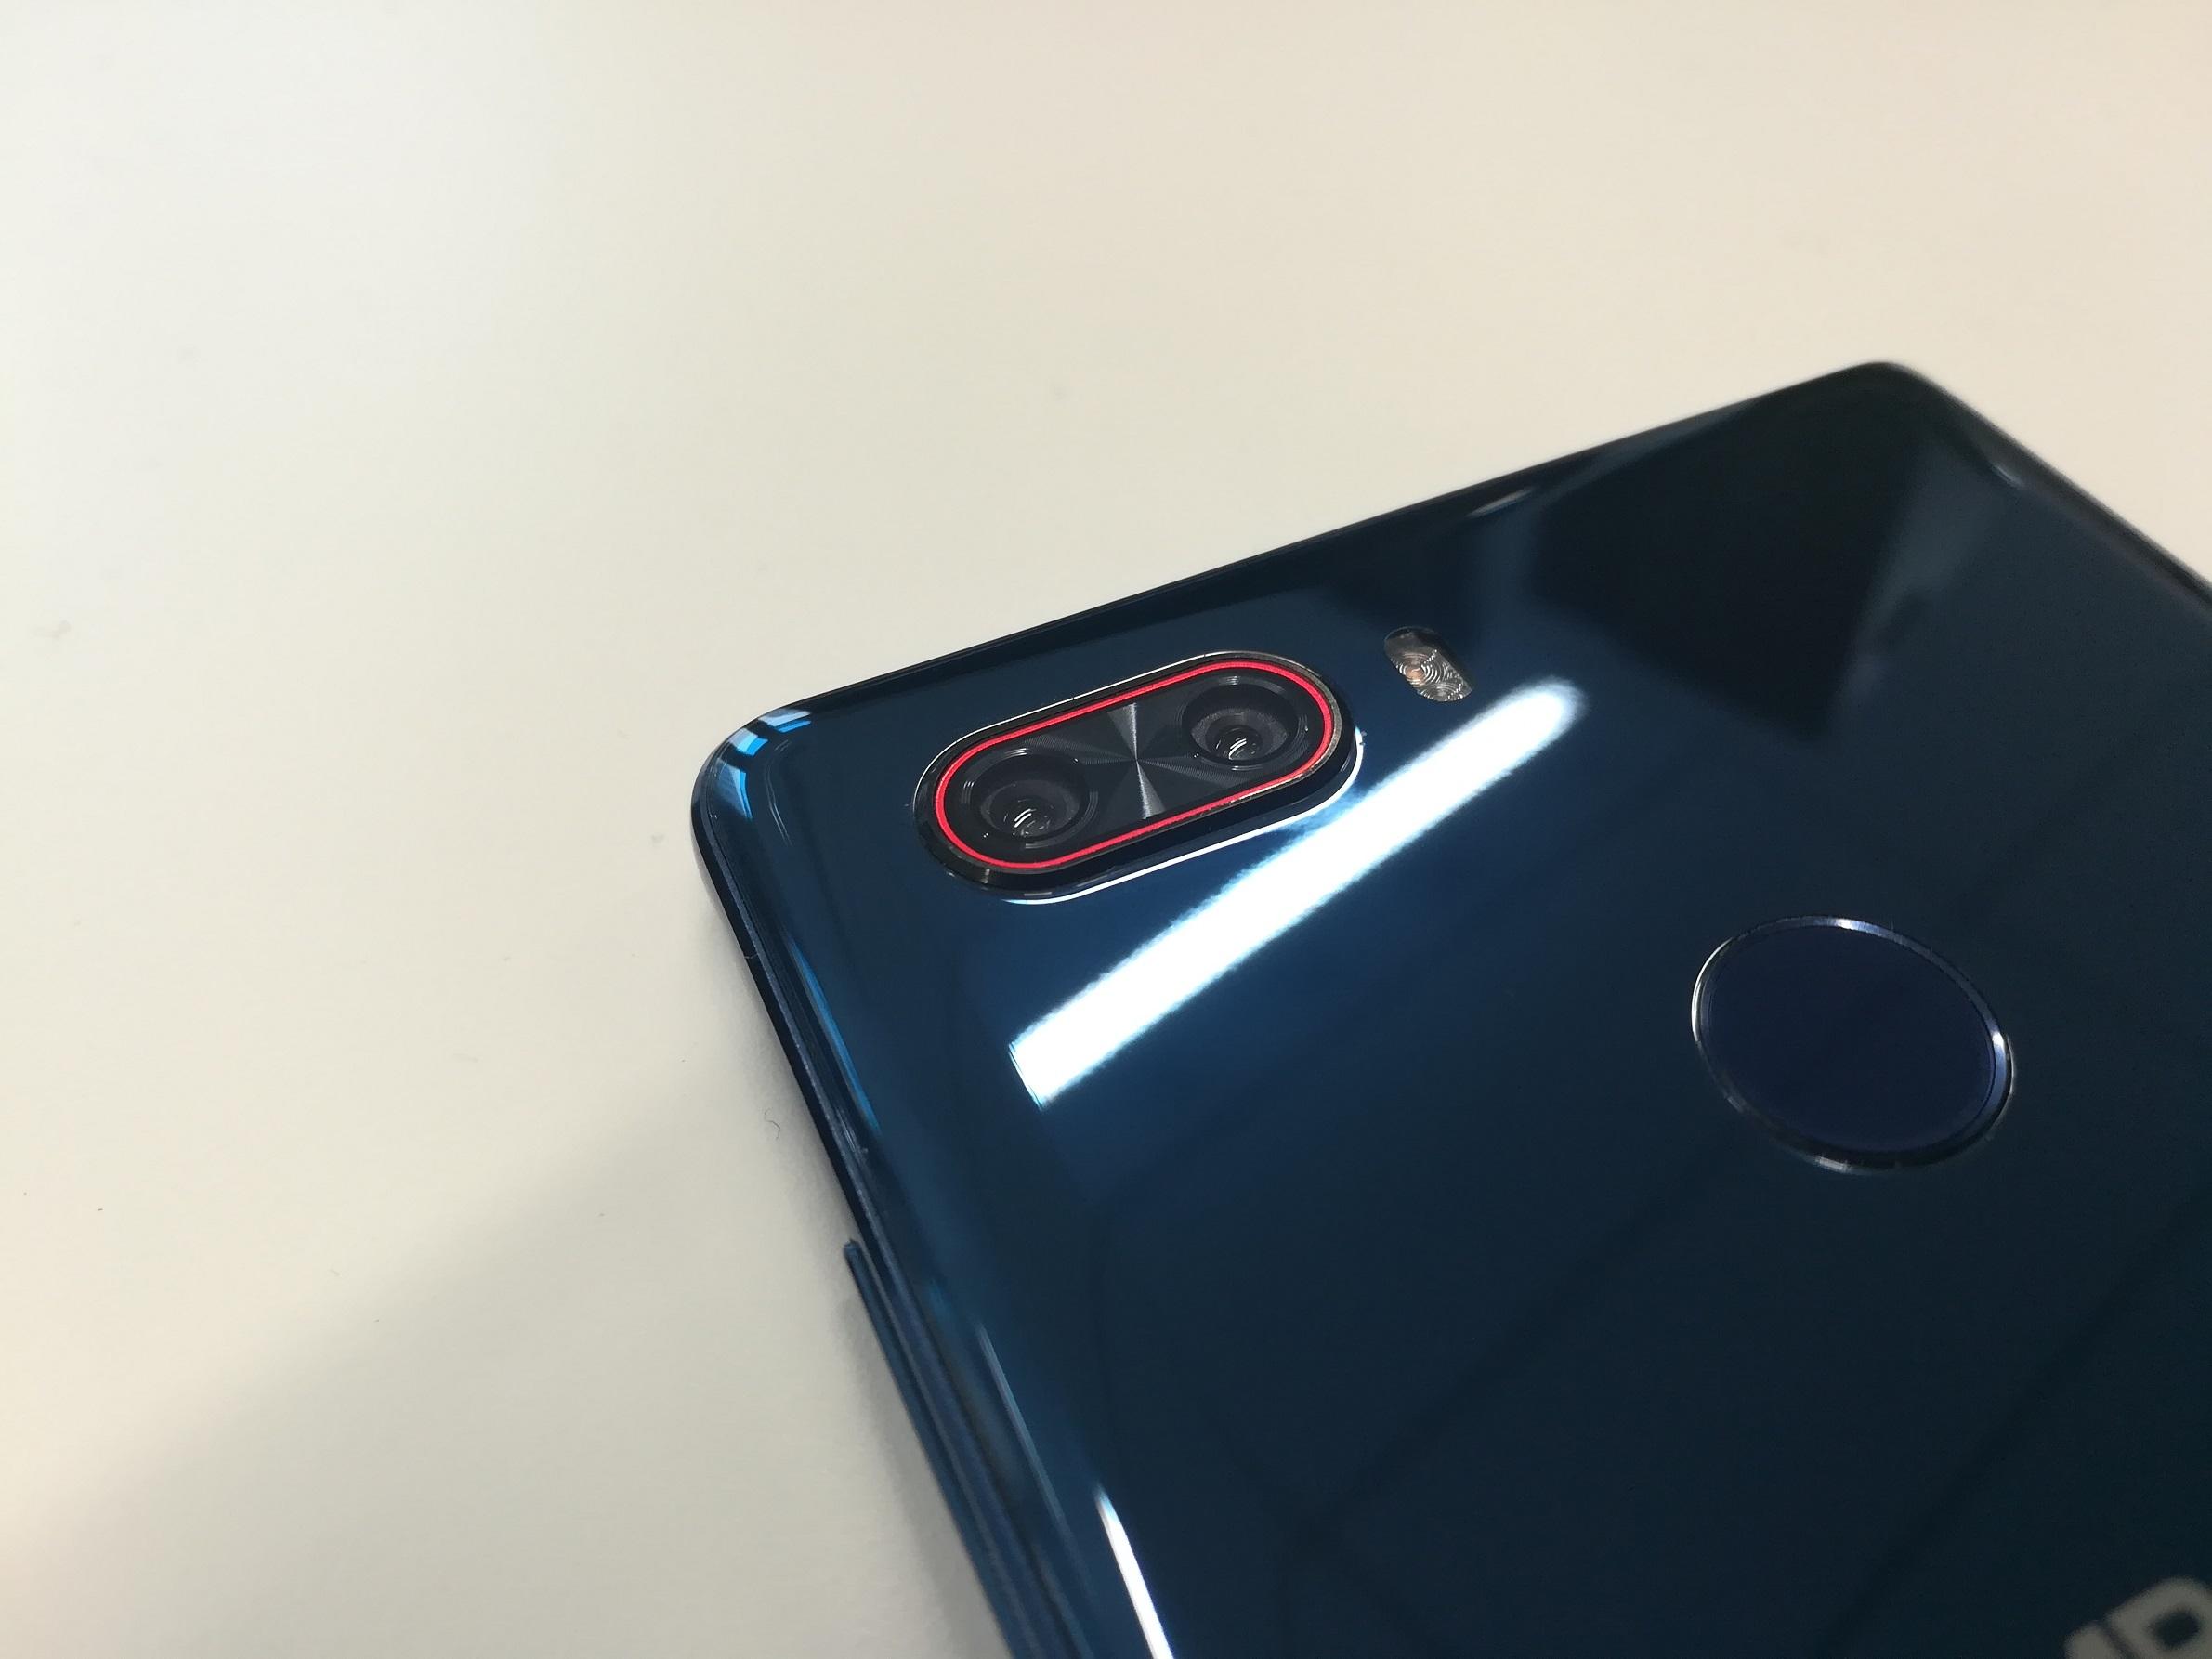 Archos Diamond Omega test 1 1 - [ TEST ] Archos Diamond Omega : un smartphone borderless à la hauteur des espérances